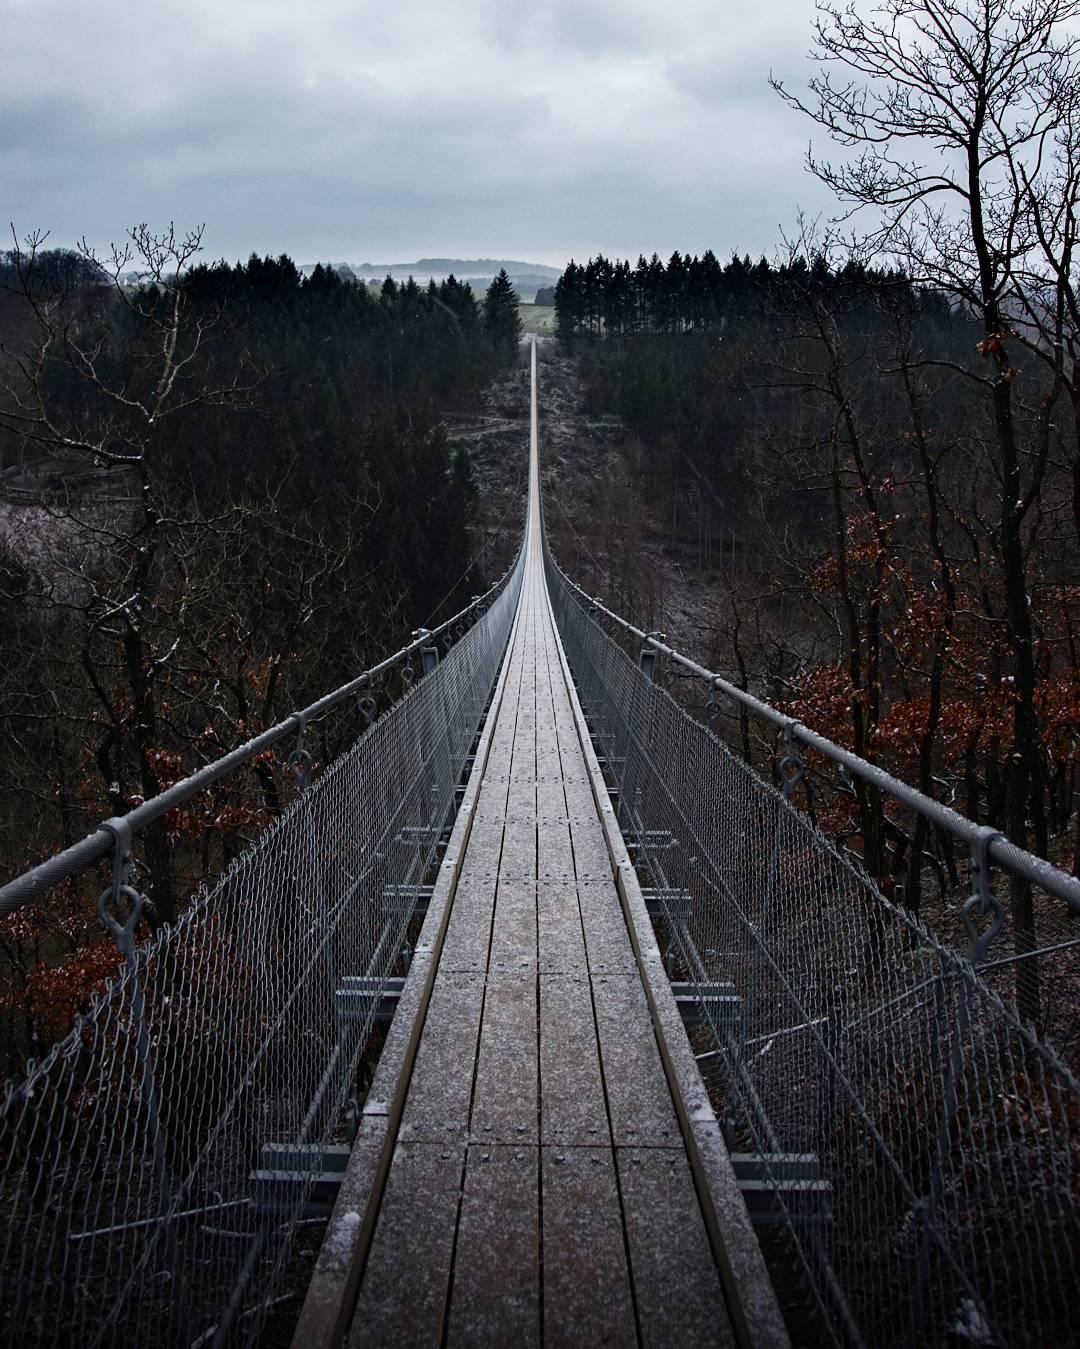 vincent-thefrenchoutdoors-instameet-instagram-photographe-outdoors-aventure-bivouac-7